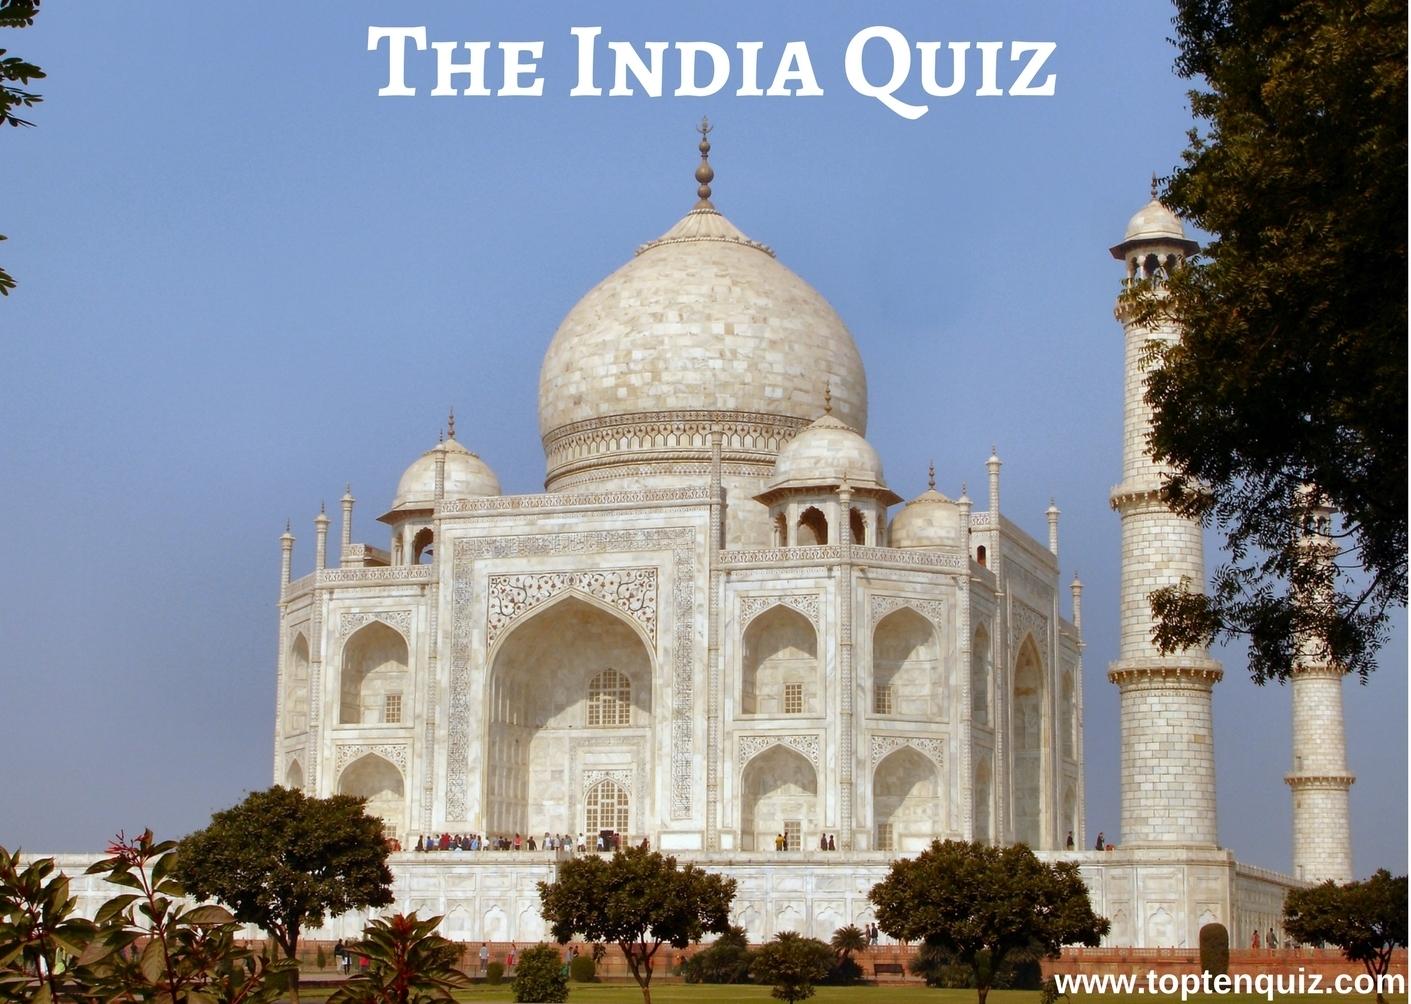 The India Quiz